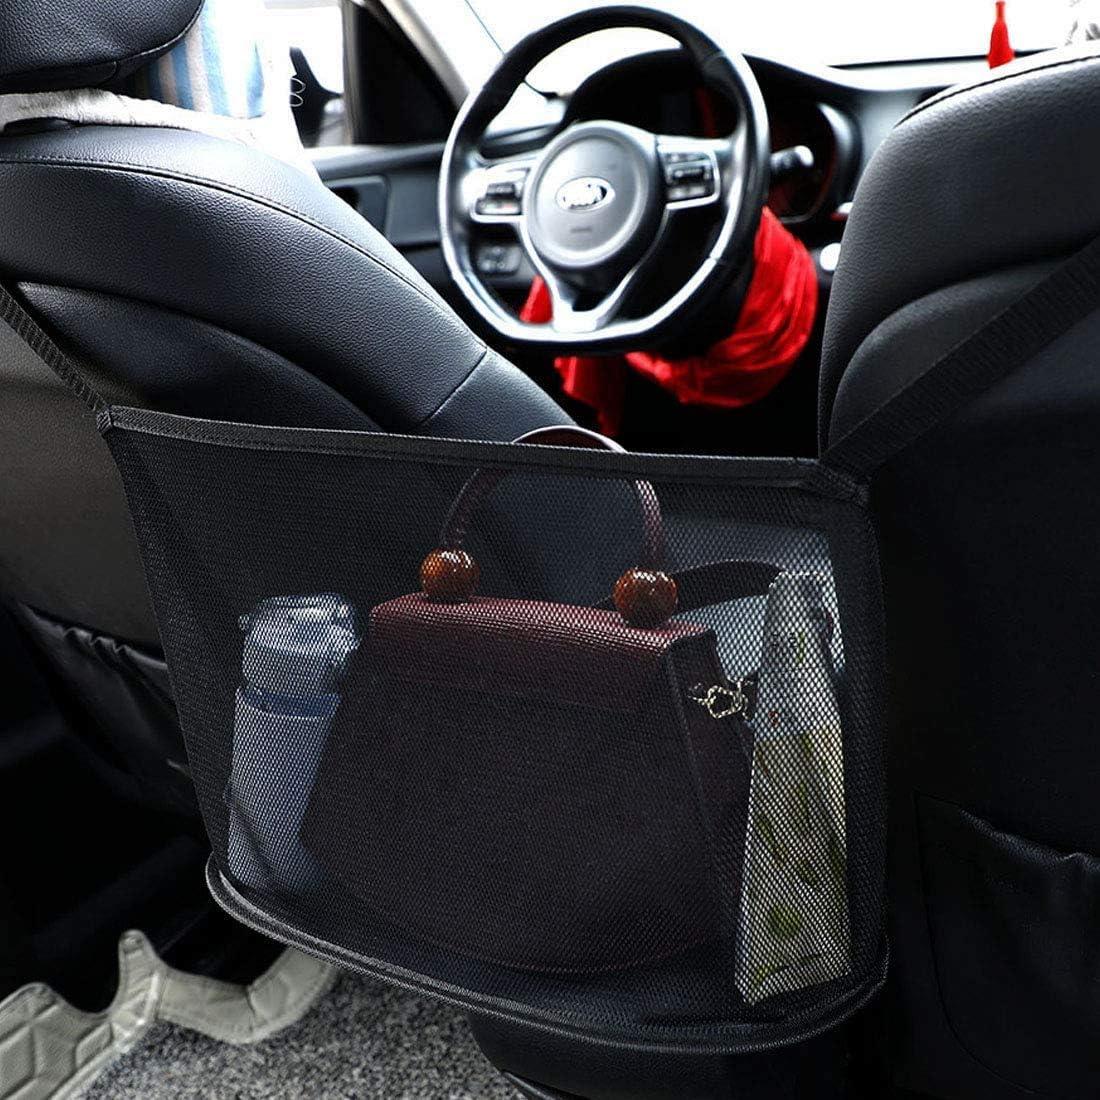 Car Net Pocket Indianapolis Mall Handbag Organizer Holder for Jacksonville Mall